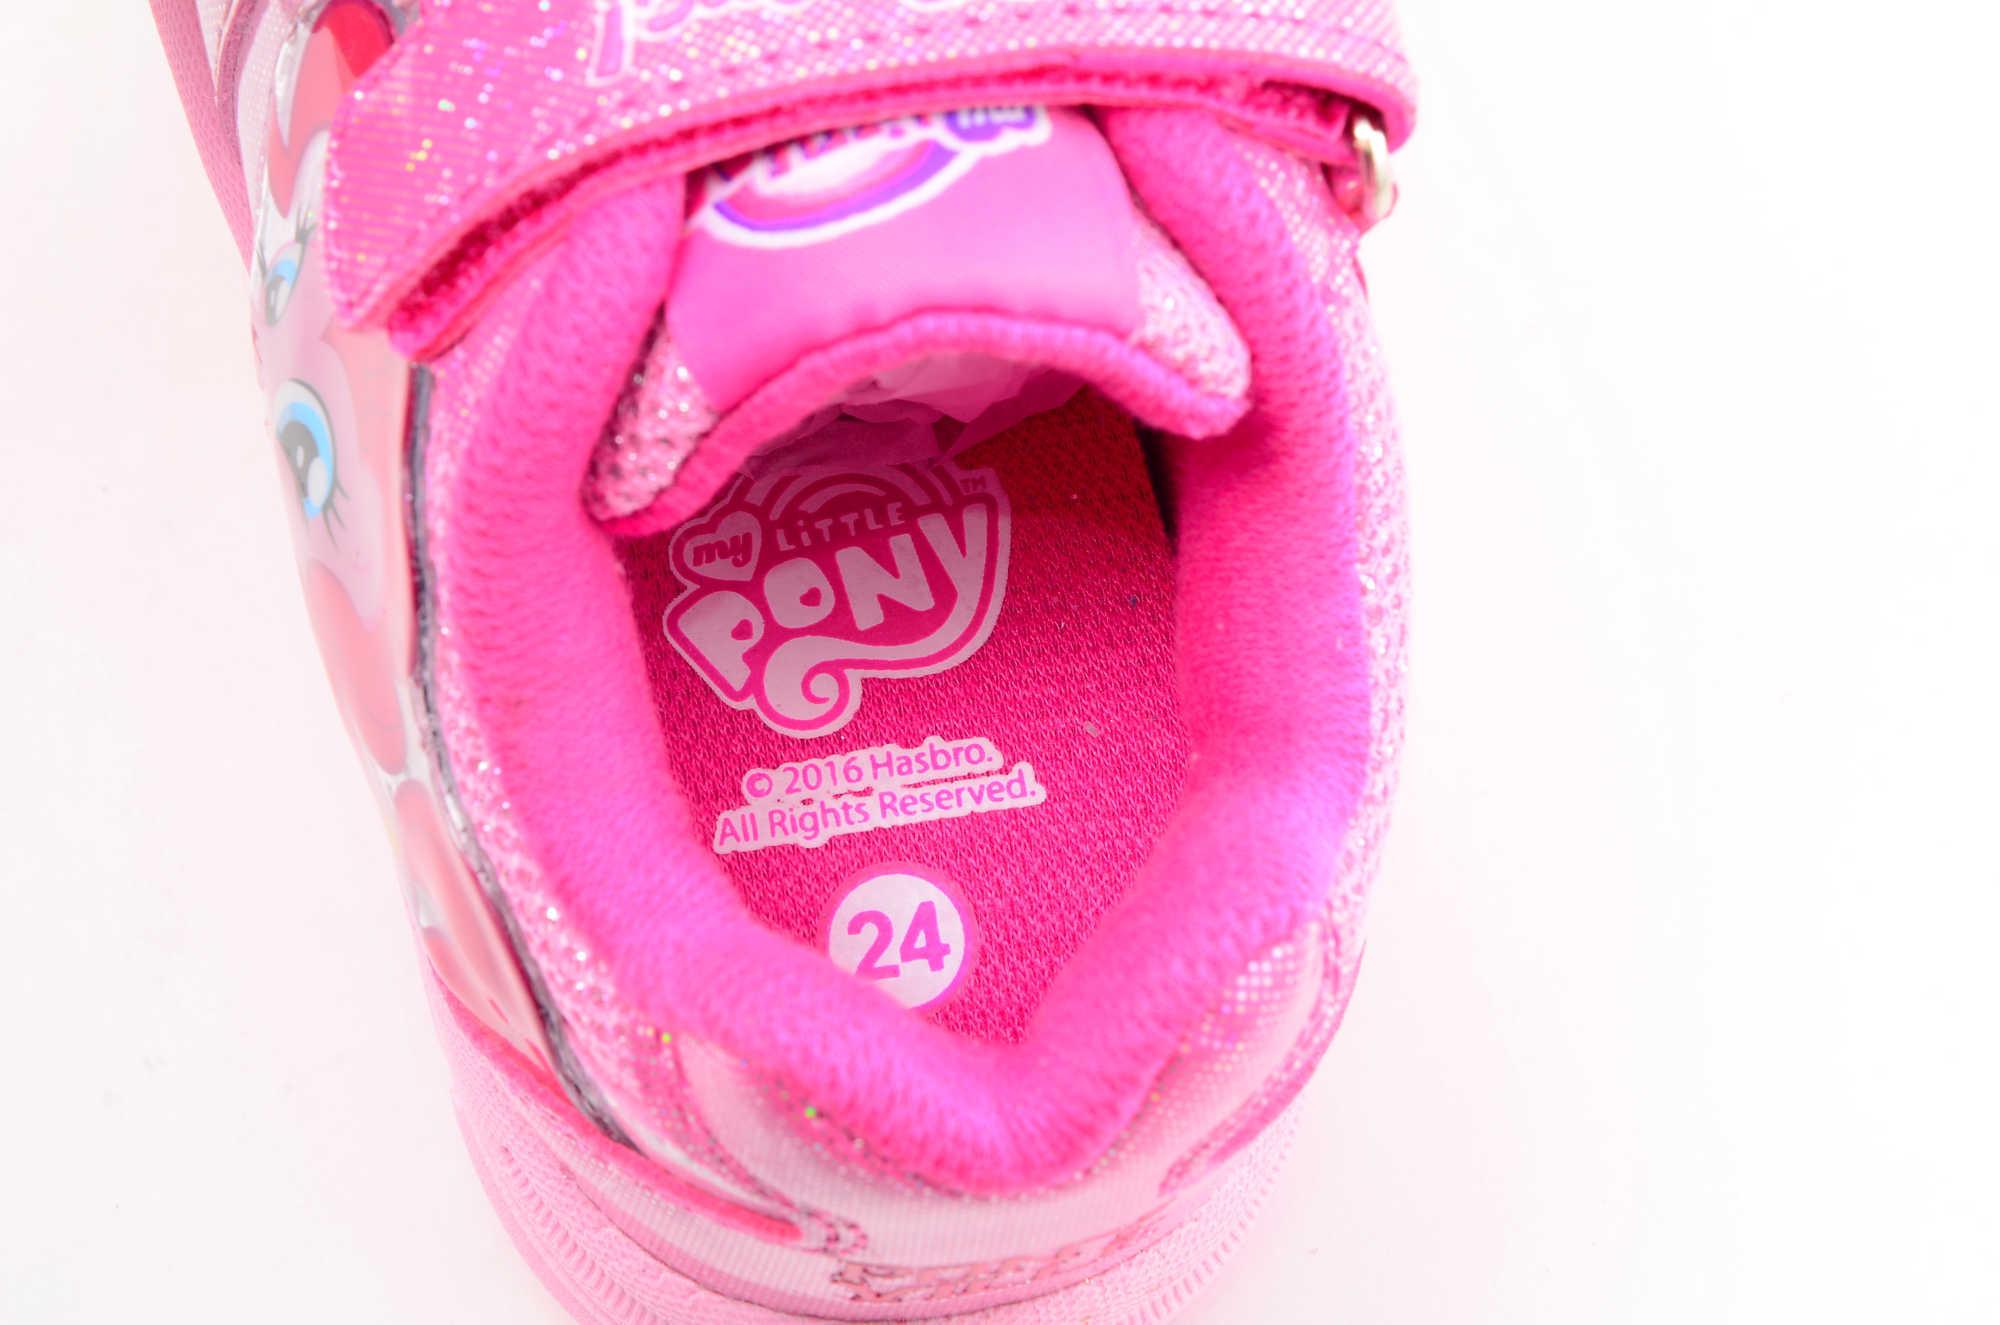 Светящиеся кроссовки для девочек Пони (My Little Pony) на липучках, цвет розовый, мигает картинка сбоку